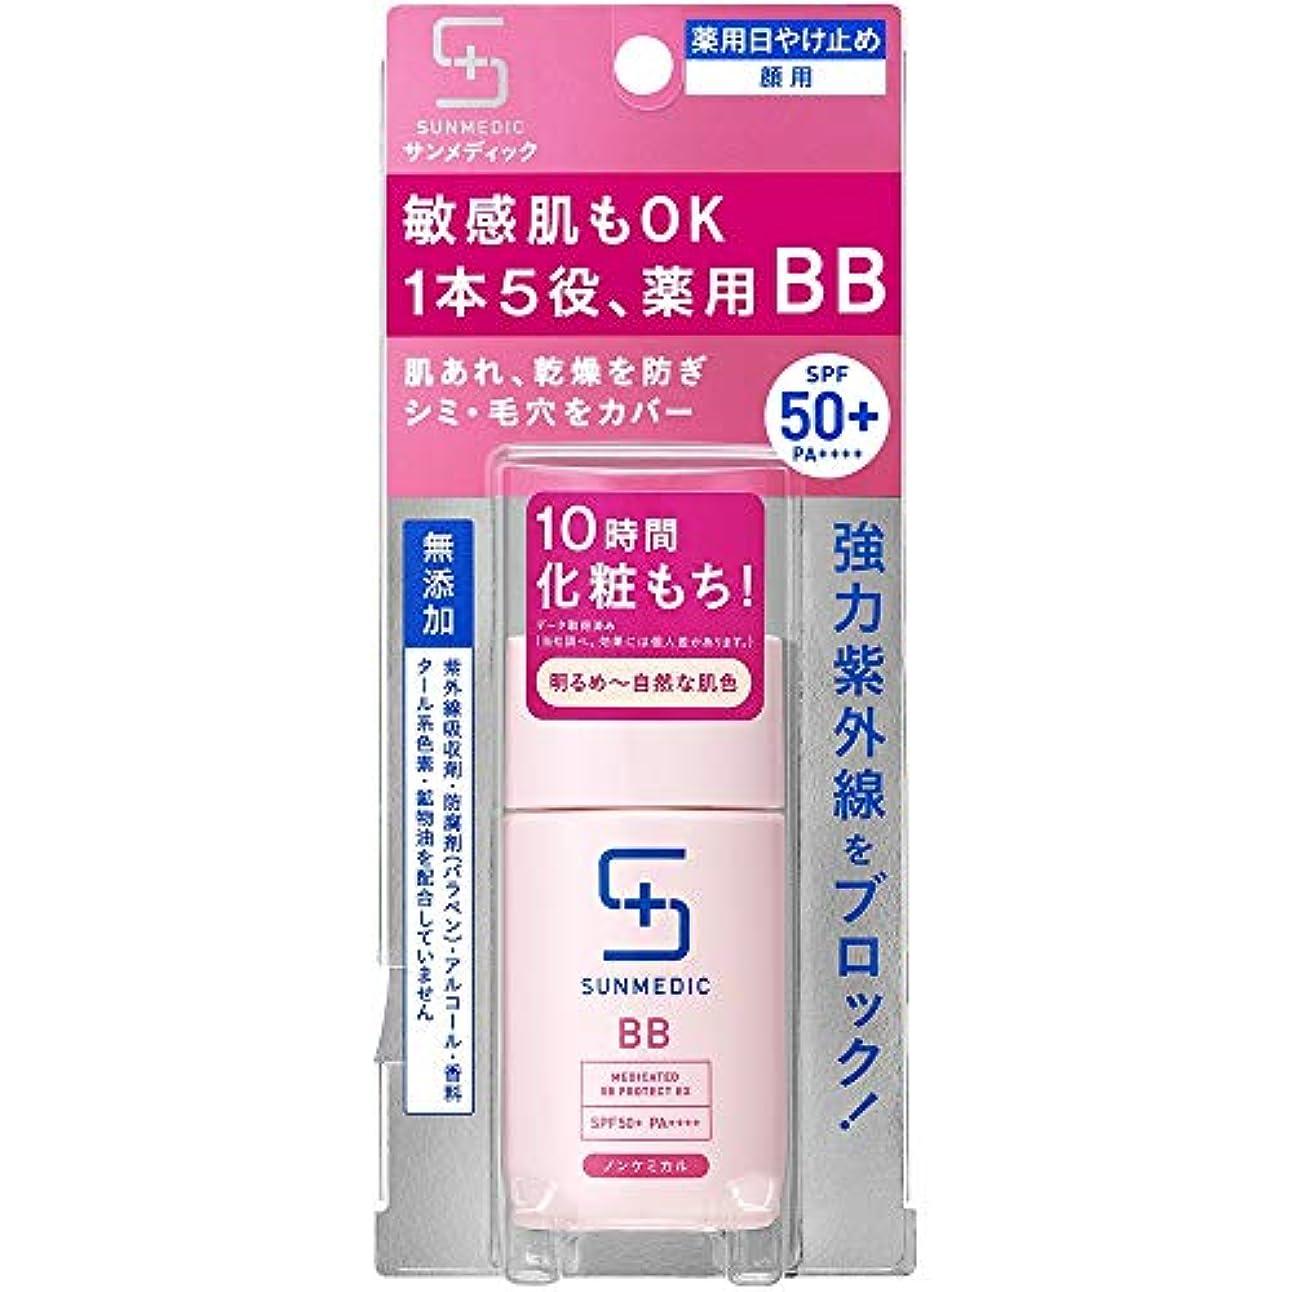 正規化他の場所下線サンメディックUV 薬用BBプロテクトEX ライト 30ml (医薬部外品)